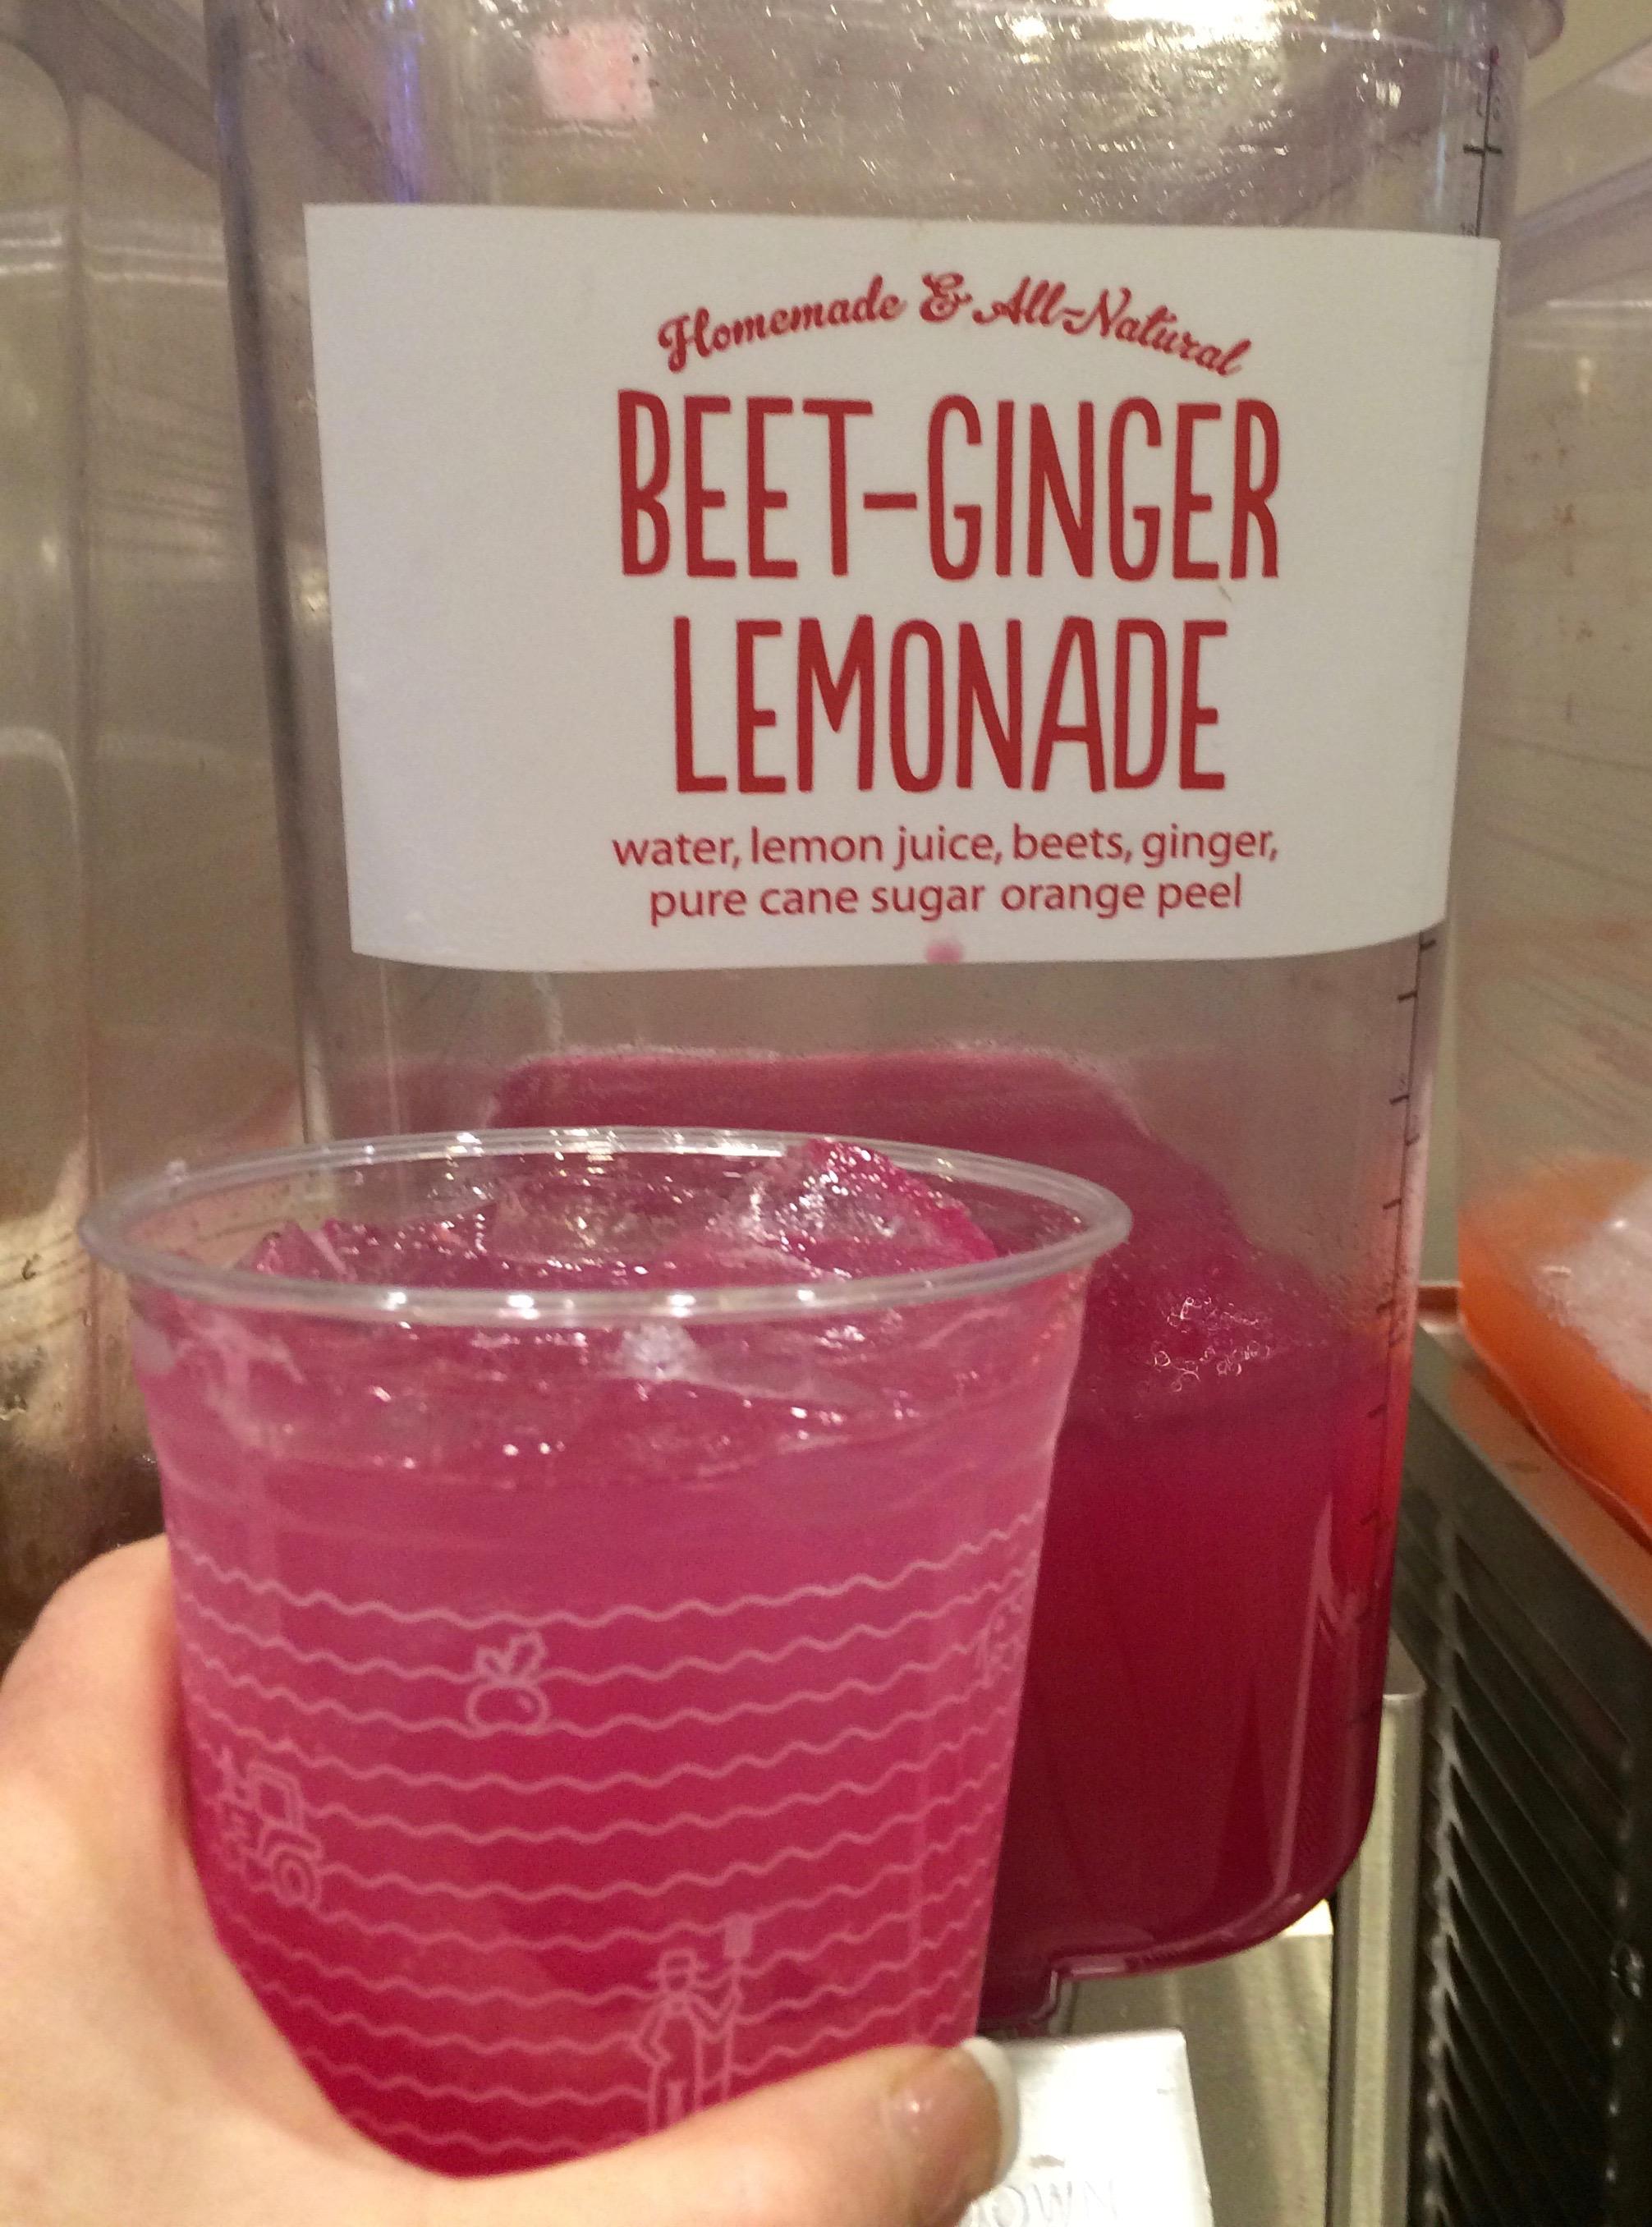 Beet Ginger Lemonade from B'Good